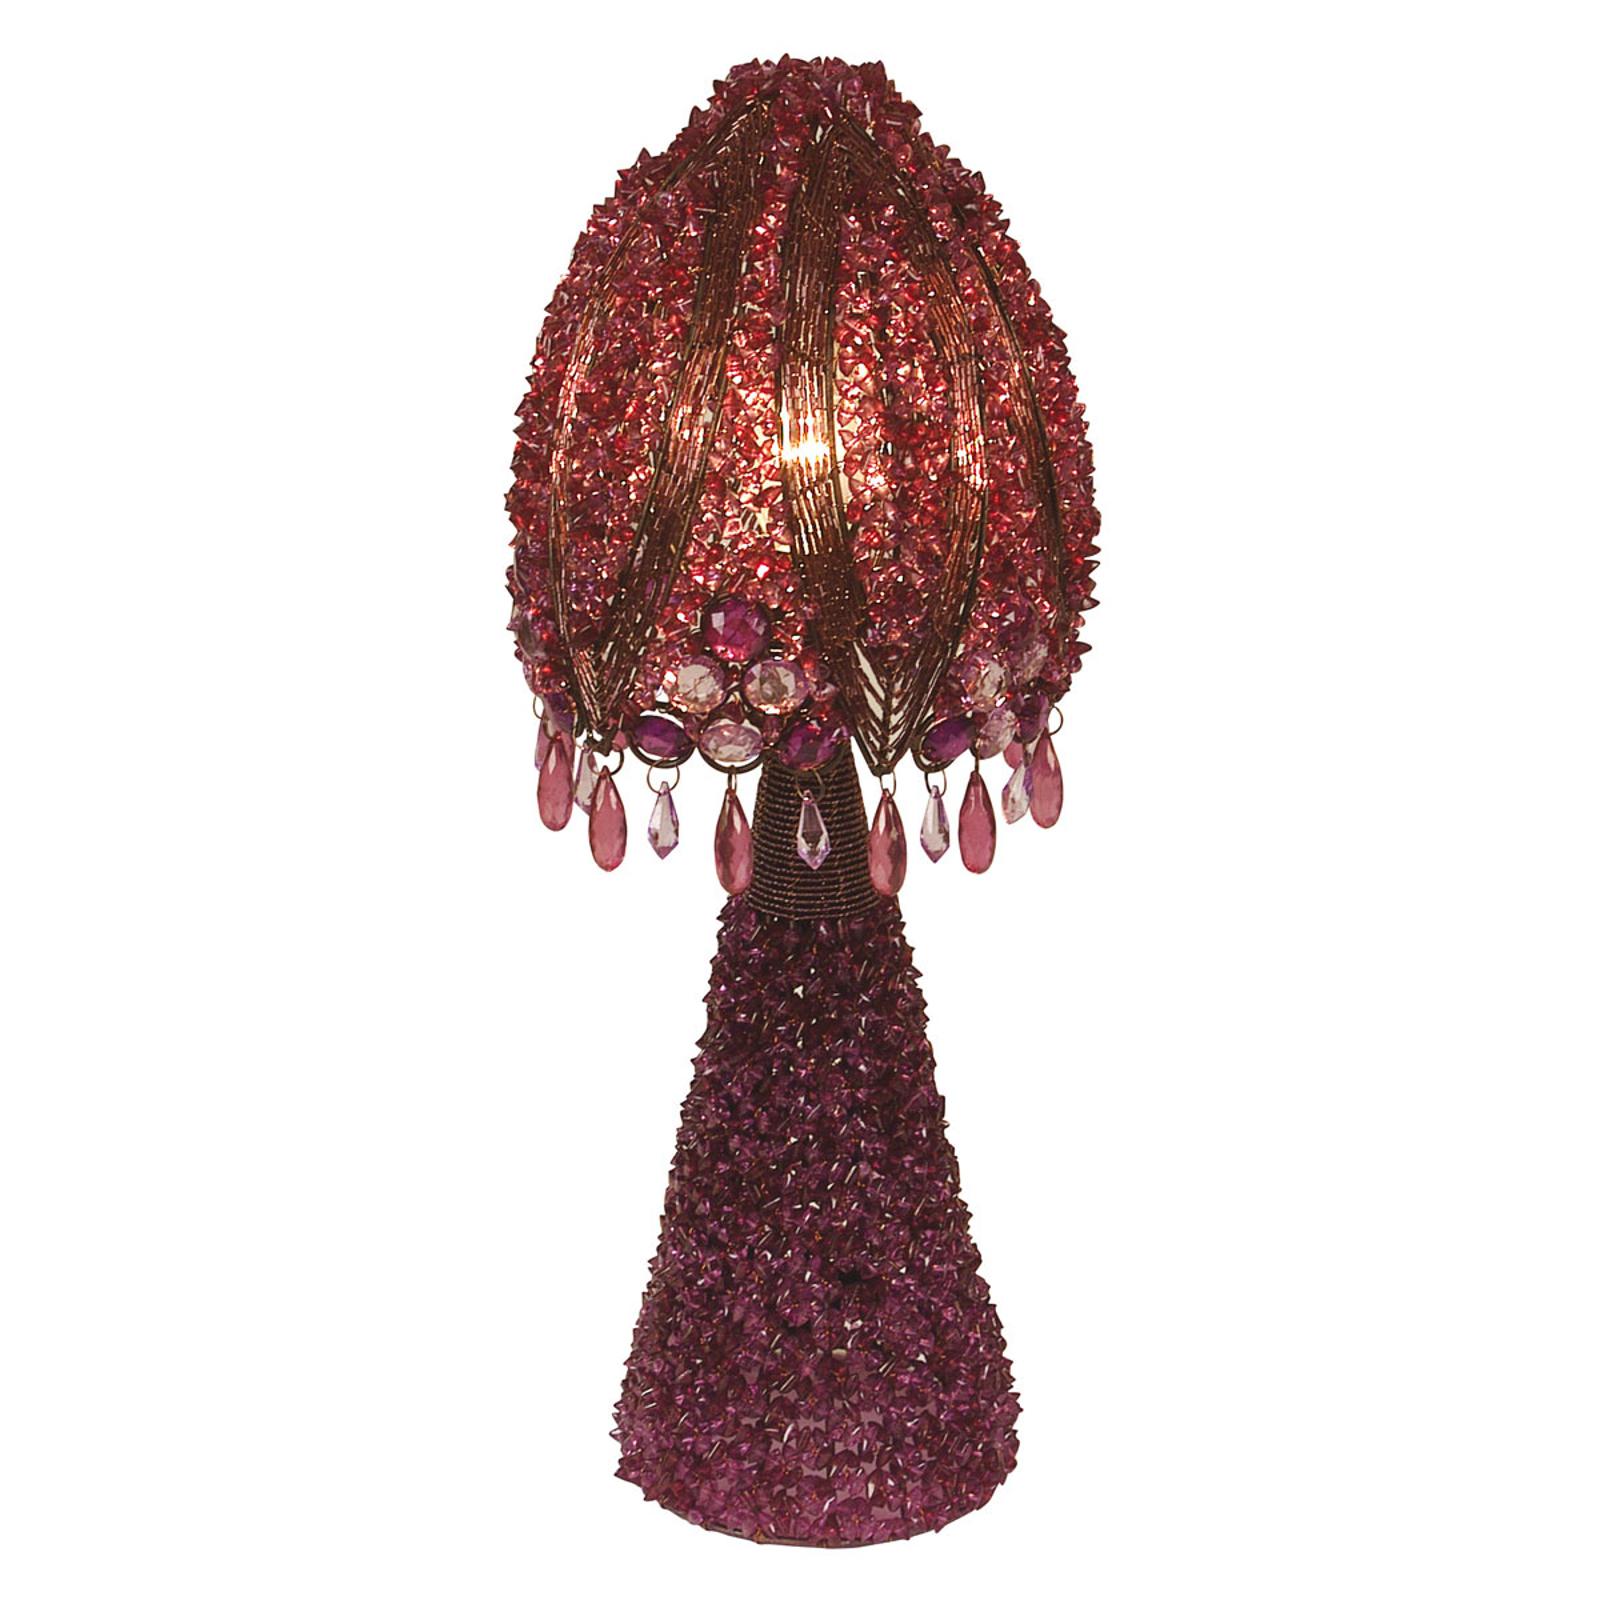 Perla-pöytävalaisin 45 cm, violetti